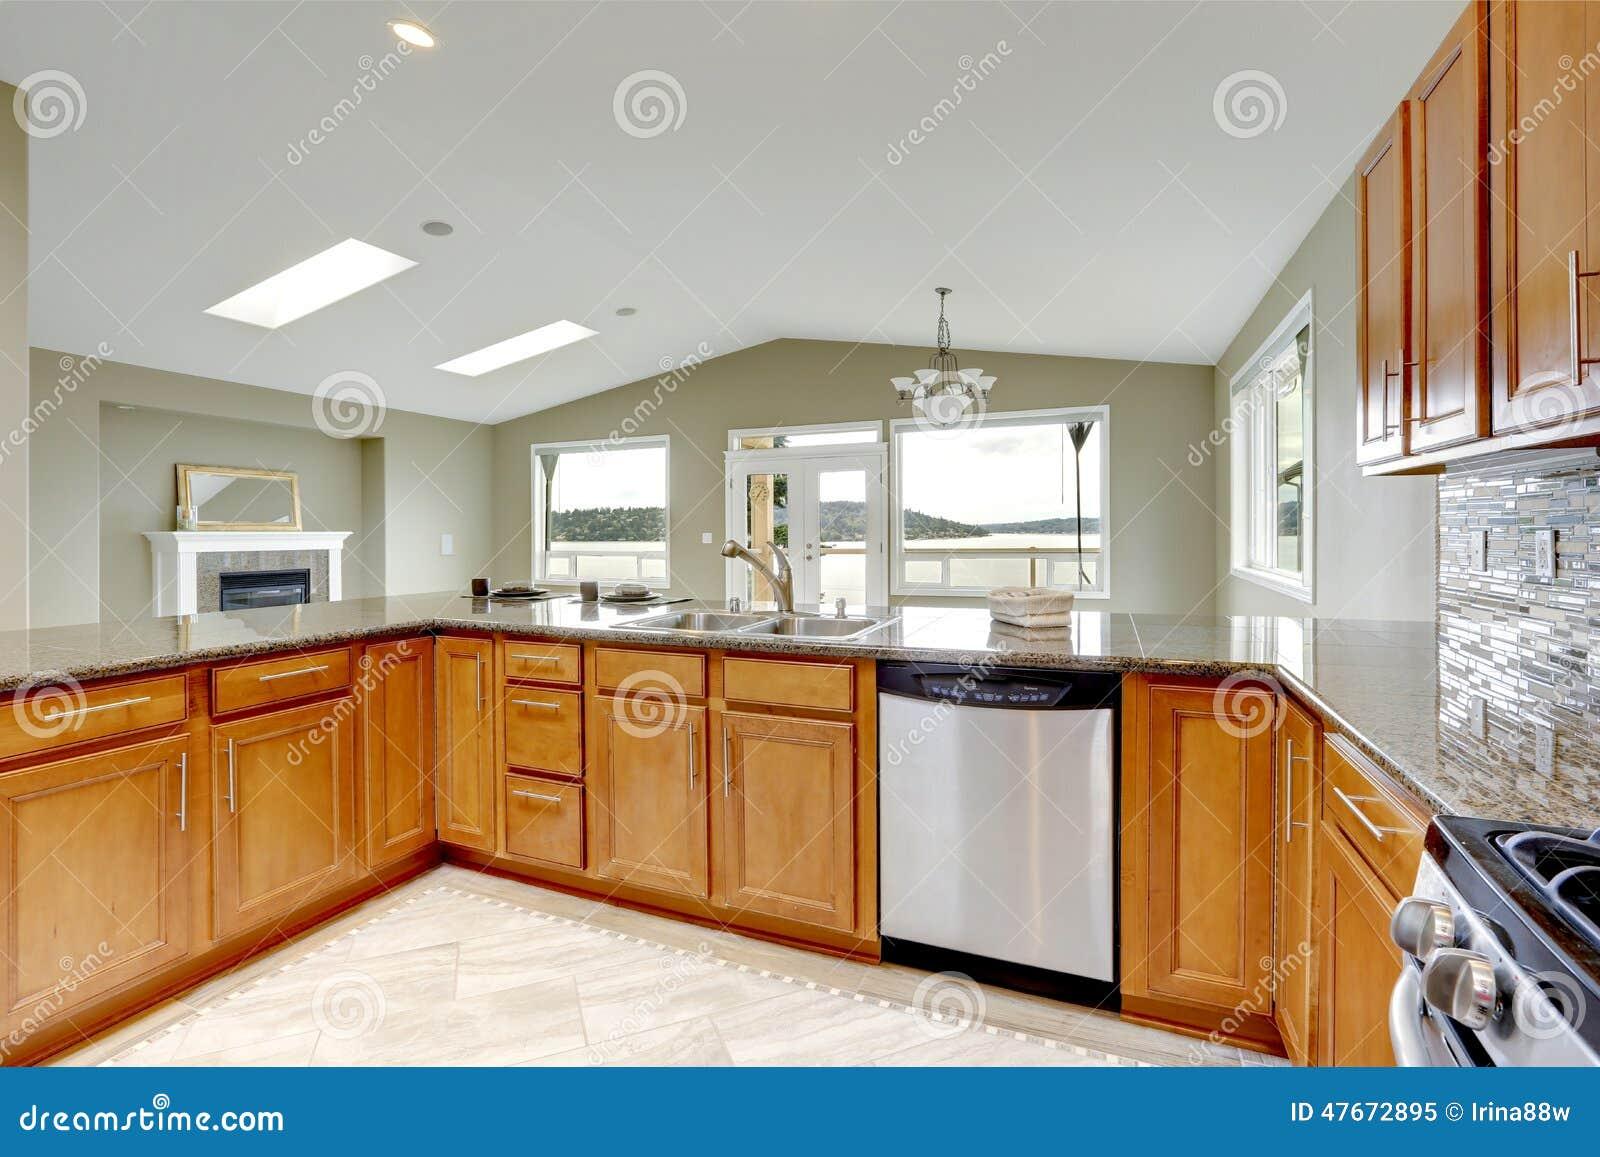 Gabinetes Para Baño Homecenter:Foto de archivo: Sitio de lujo de la cocina con los gabinetes marrones